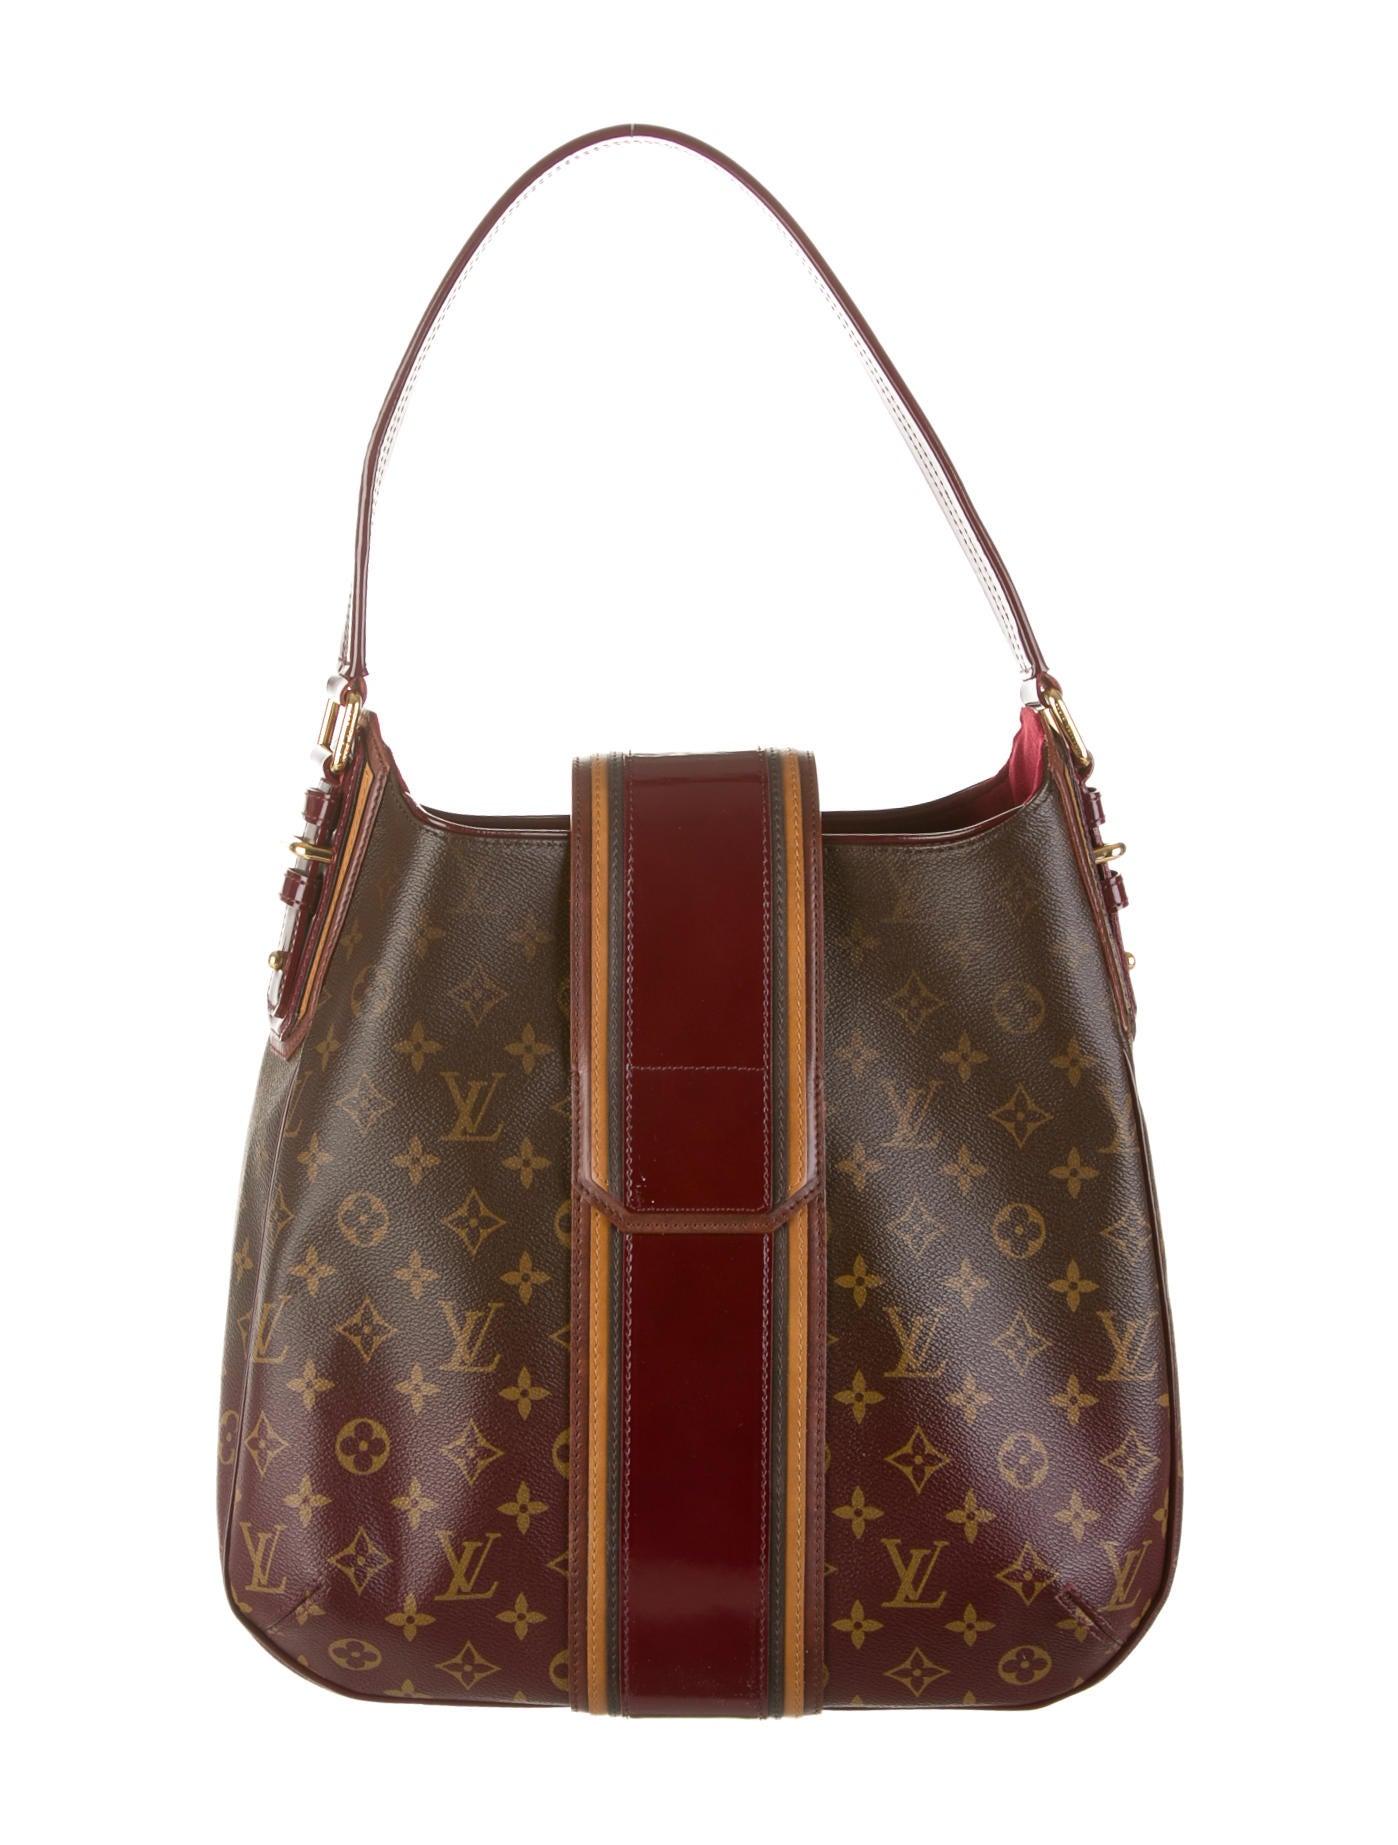 Awesome Christmas - Handbags Lockme Tote Lockme   LOUIS VUITTON